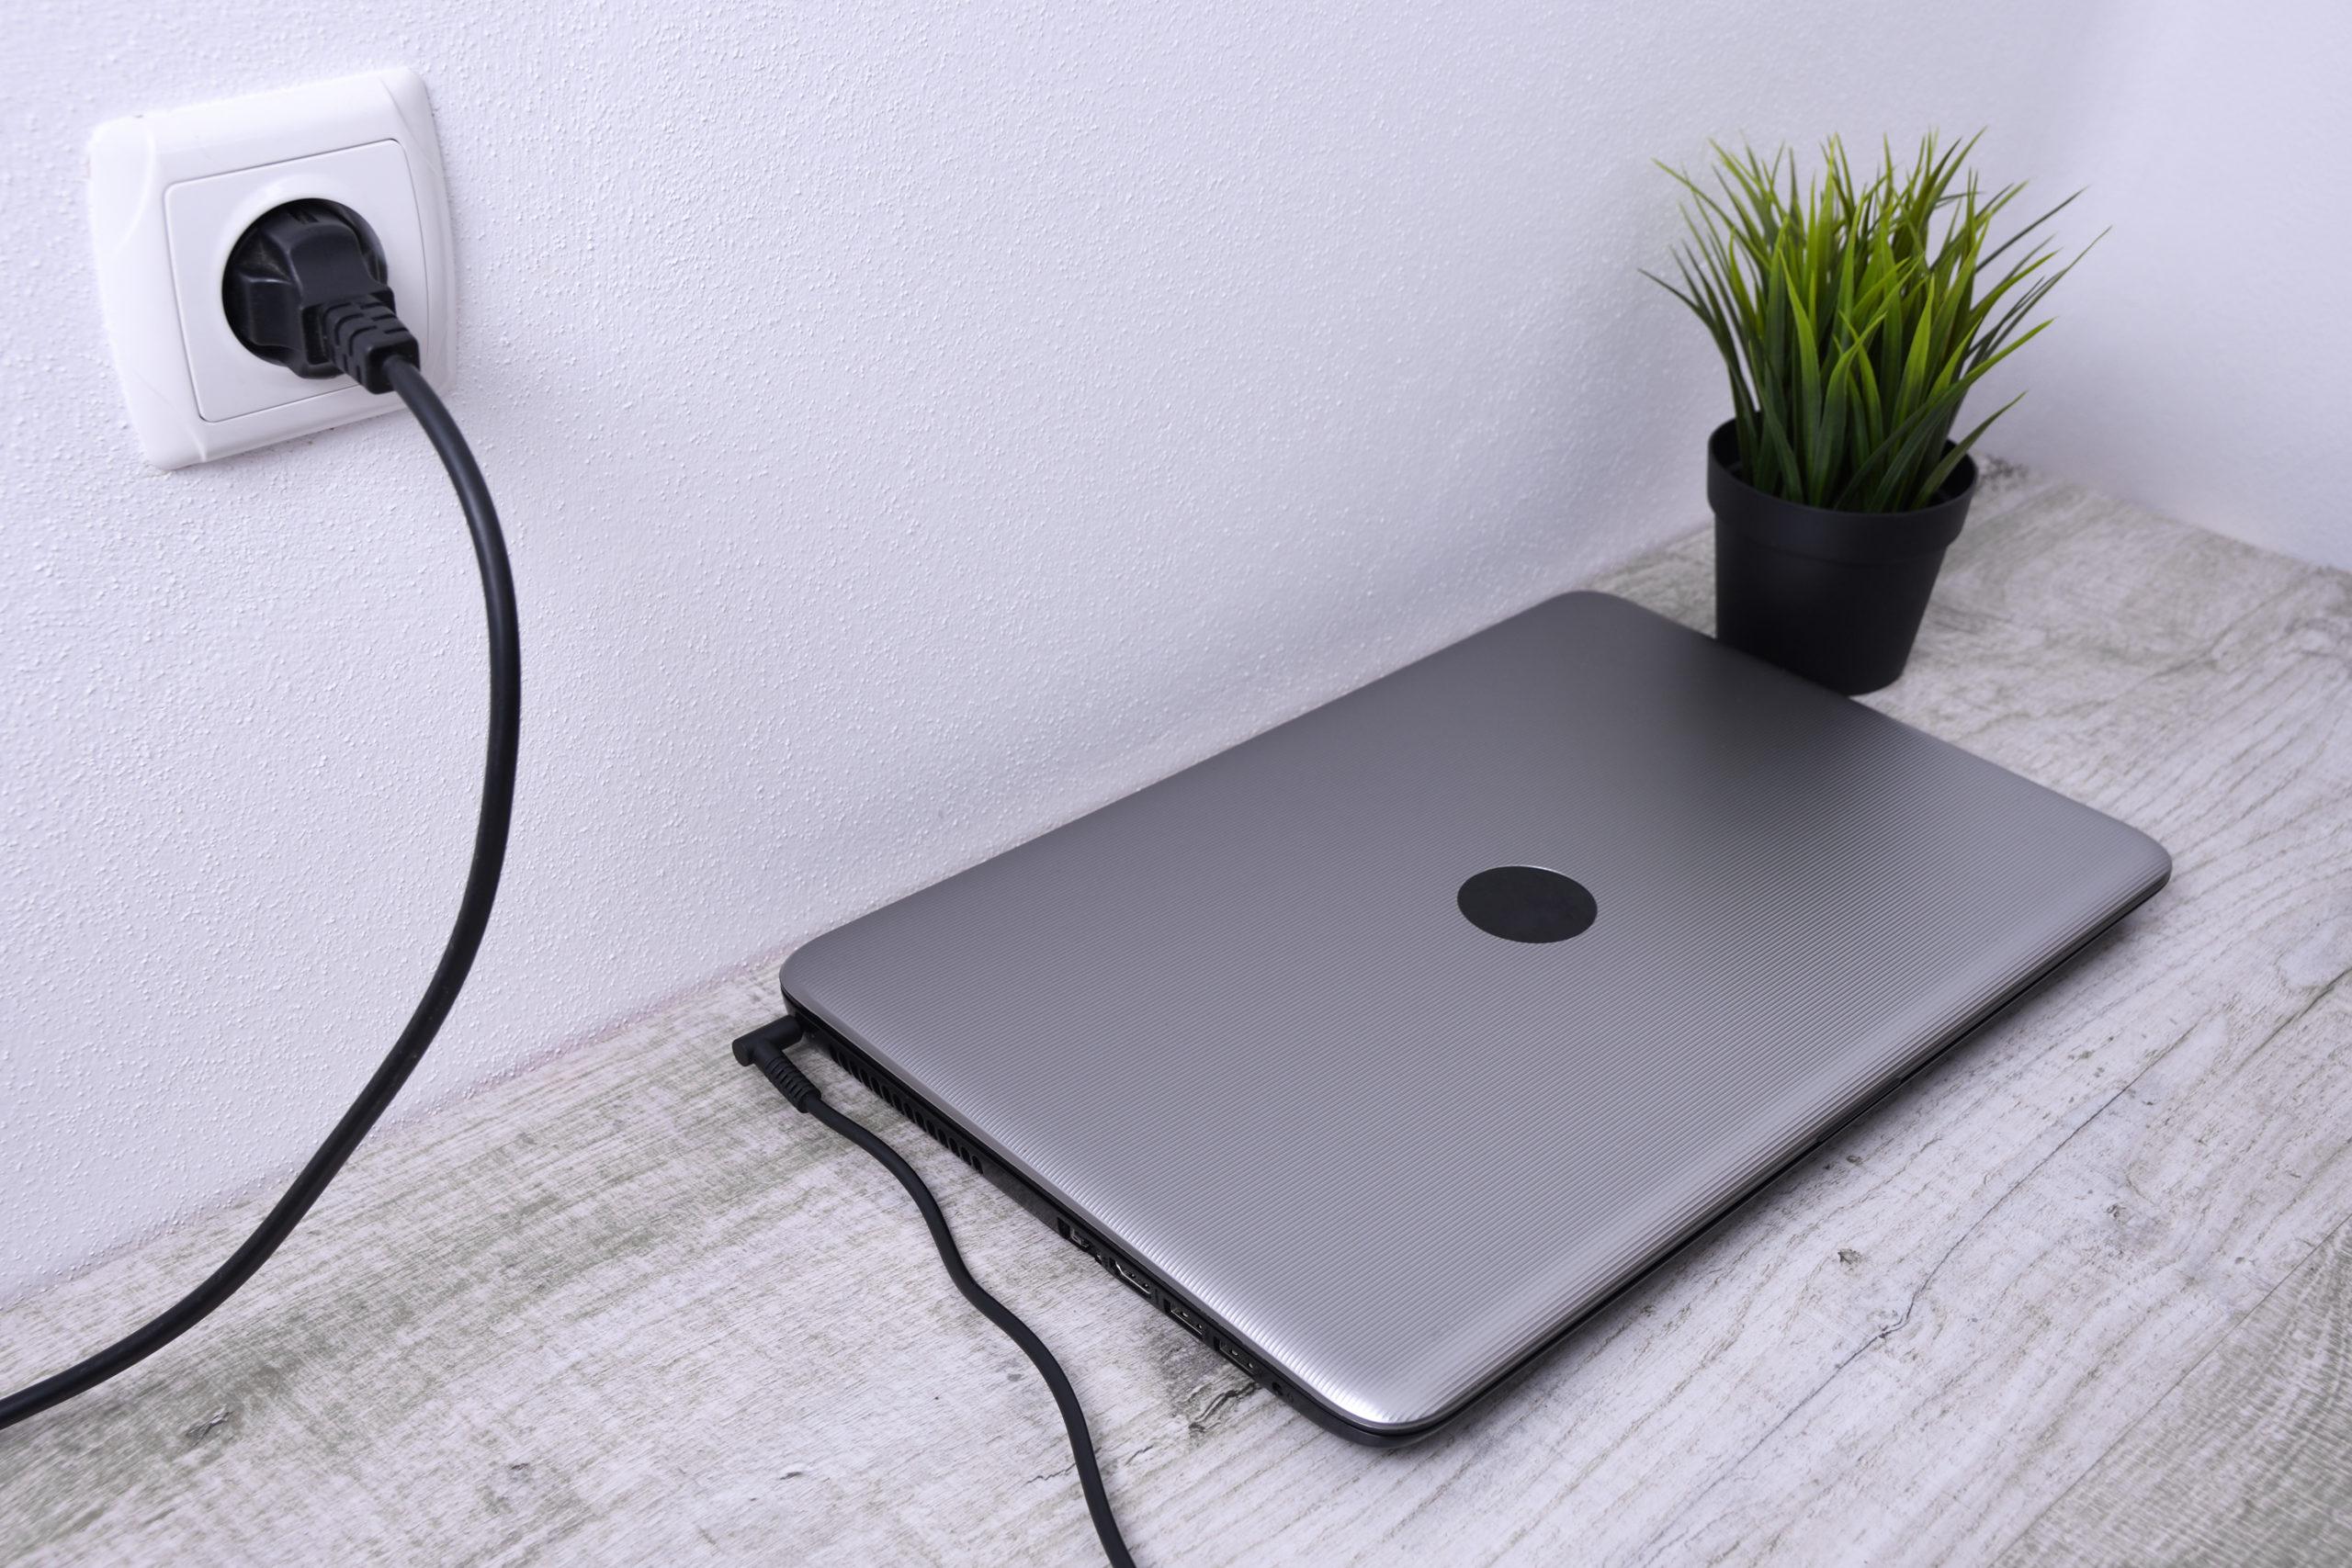 В первую очередь ноутбук отключают от сети